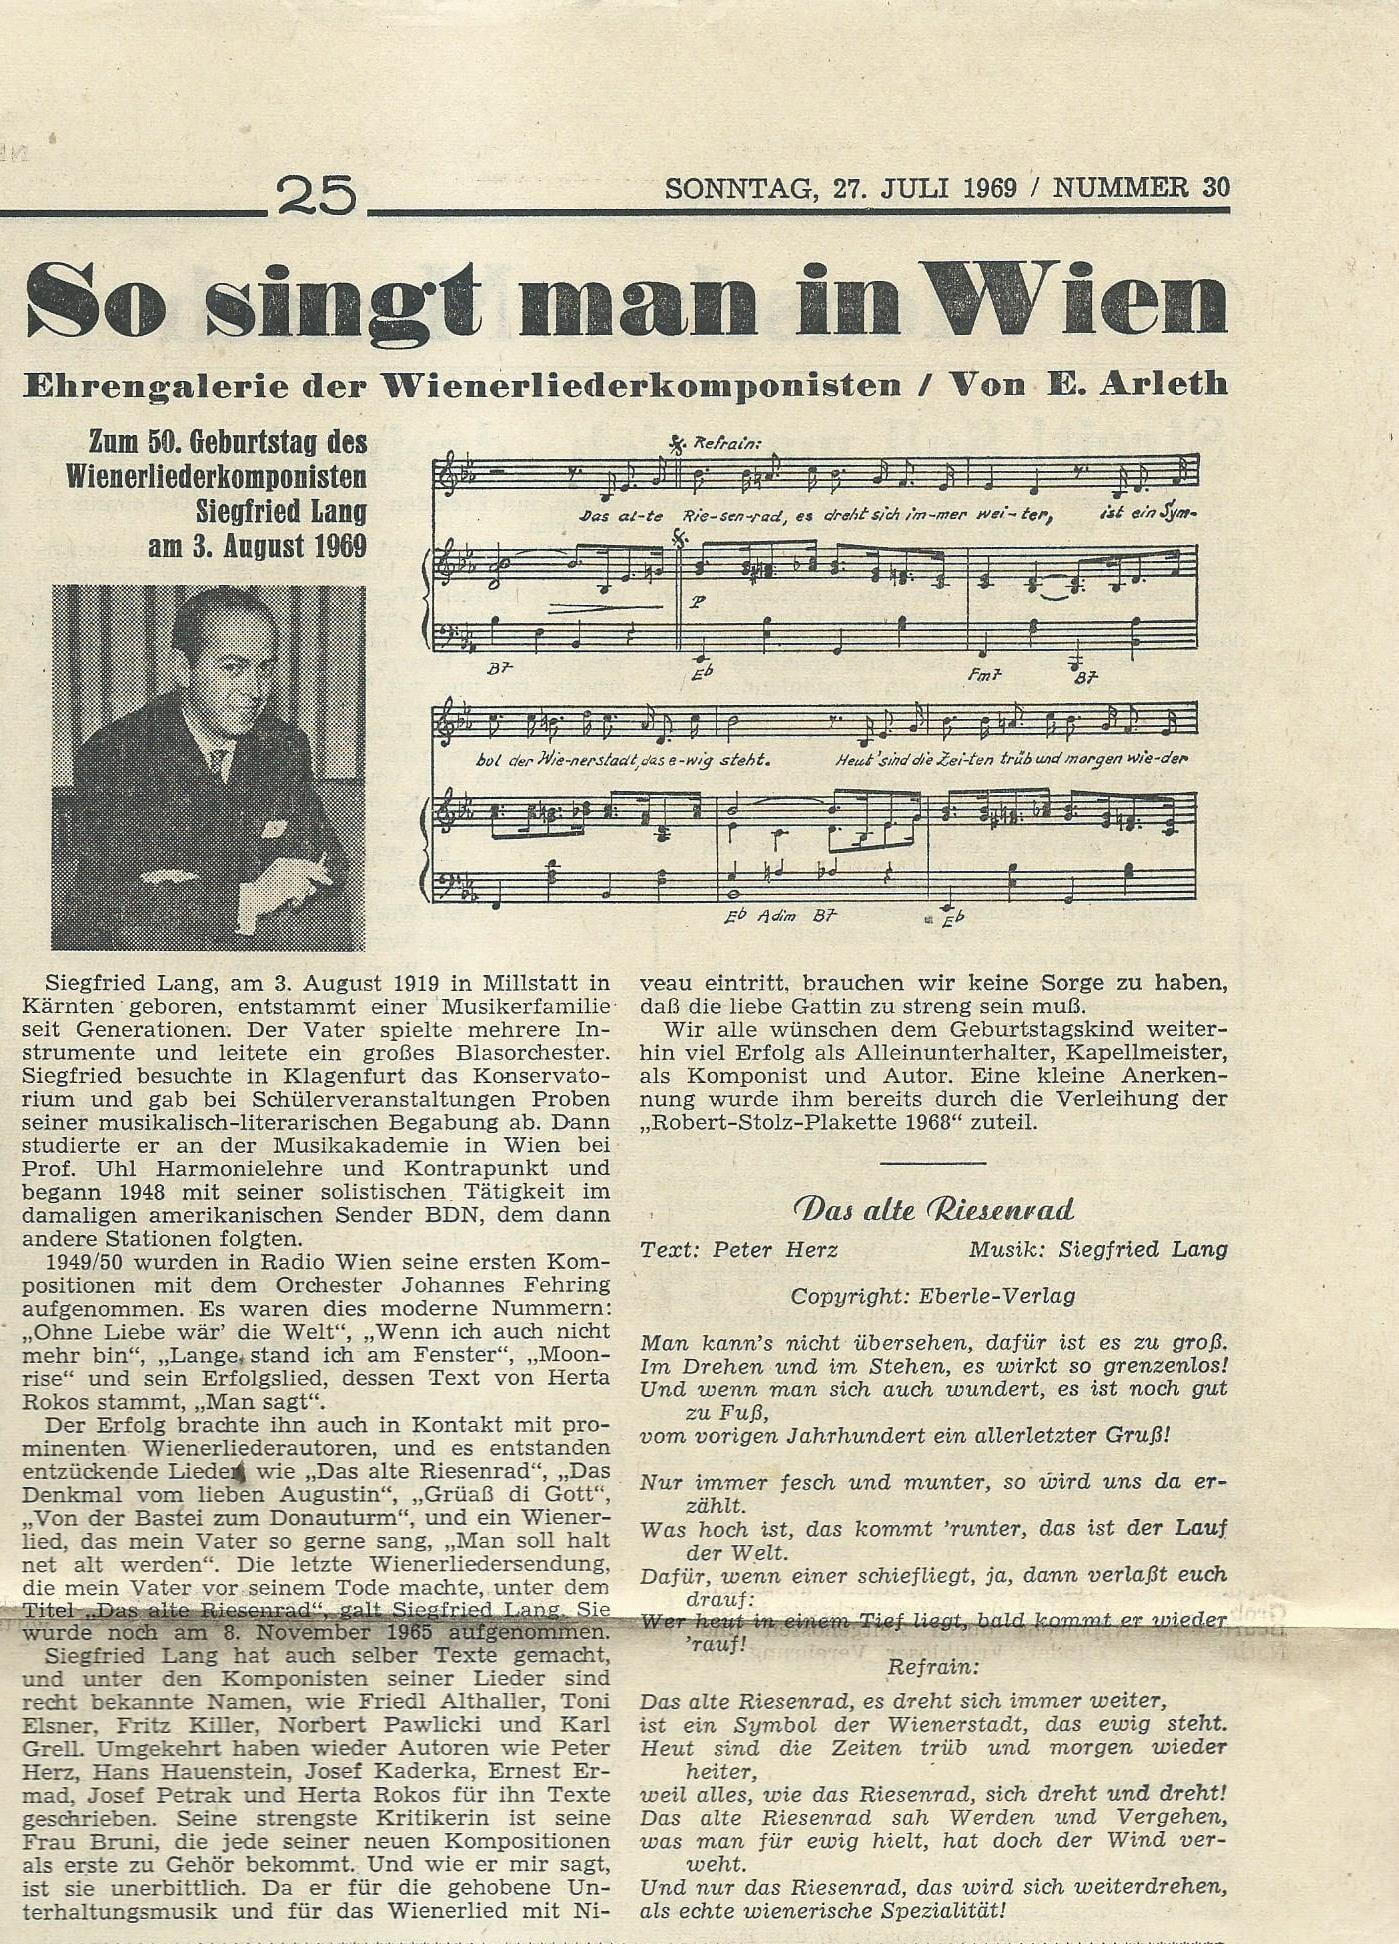 Wochenschau 27.07.1969